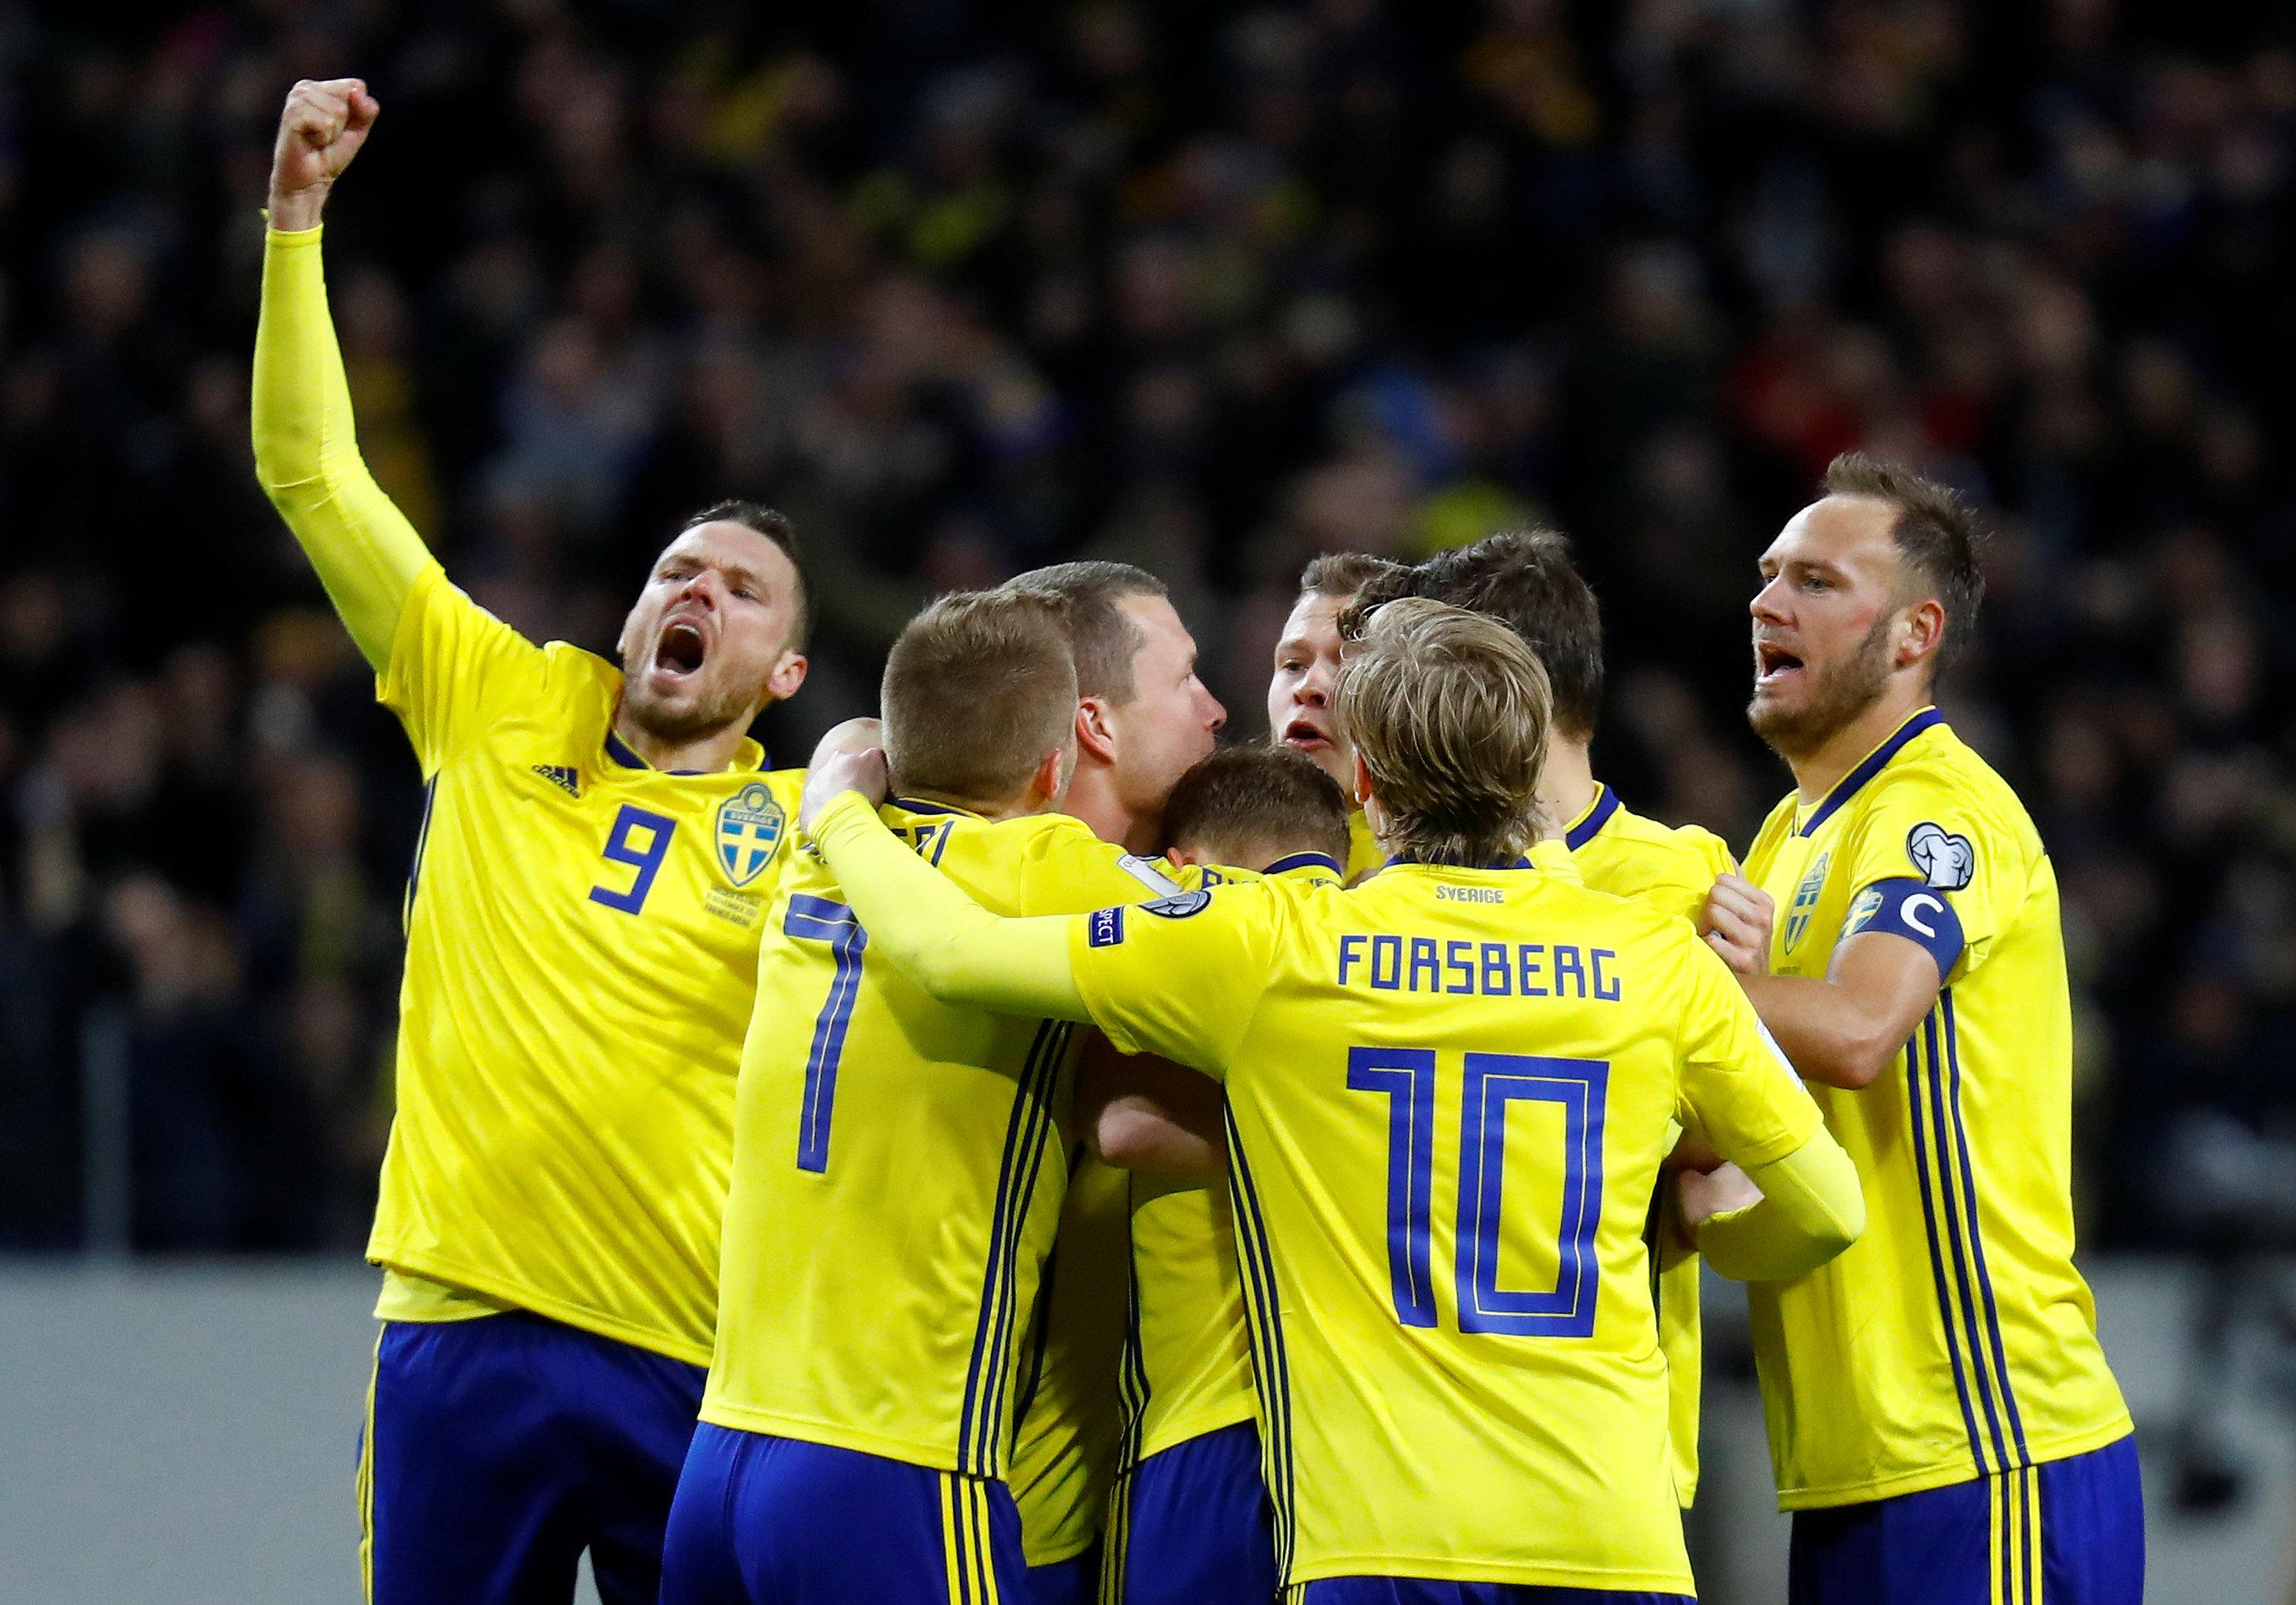 Niềm vui của các cầu thủ Thụy Điển sau khi có bàn mở tỉ số. Ảnh: REUTERS